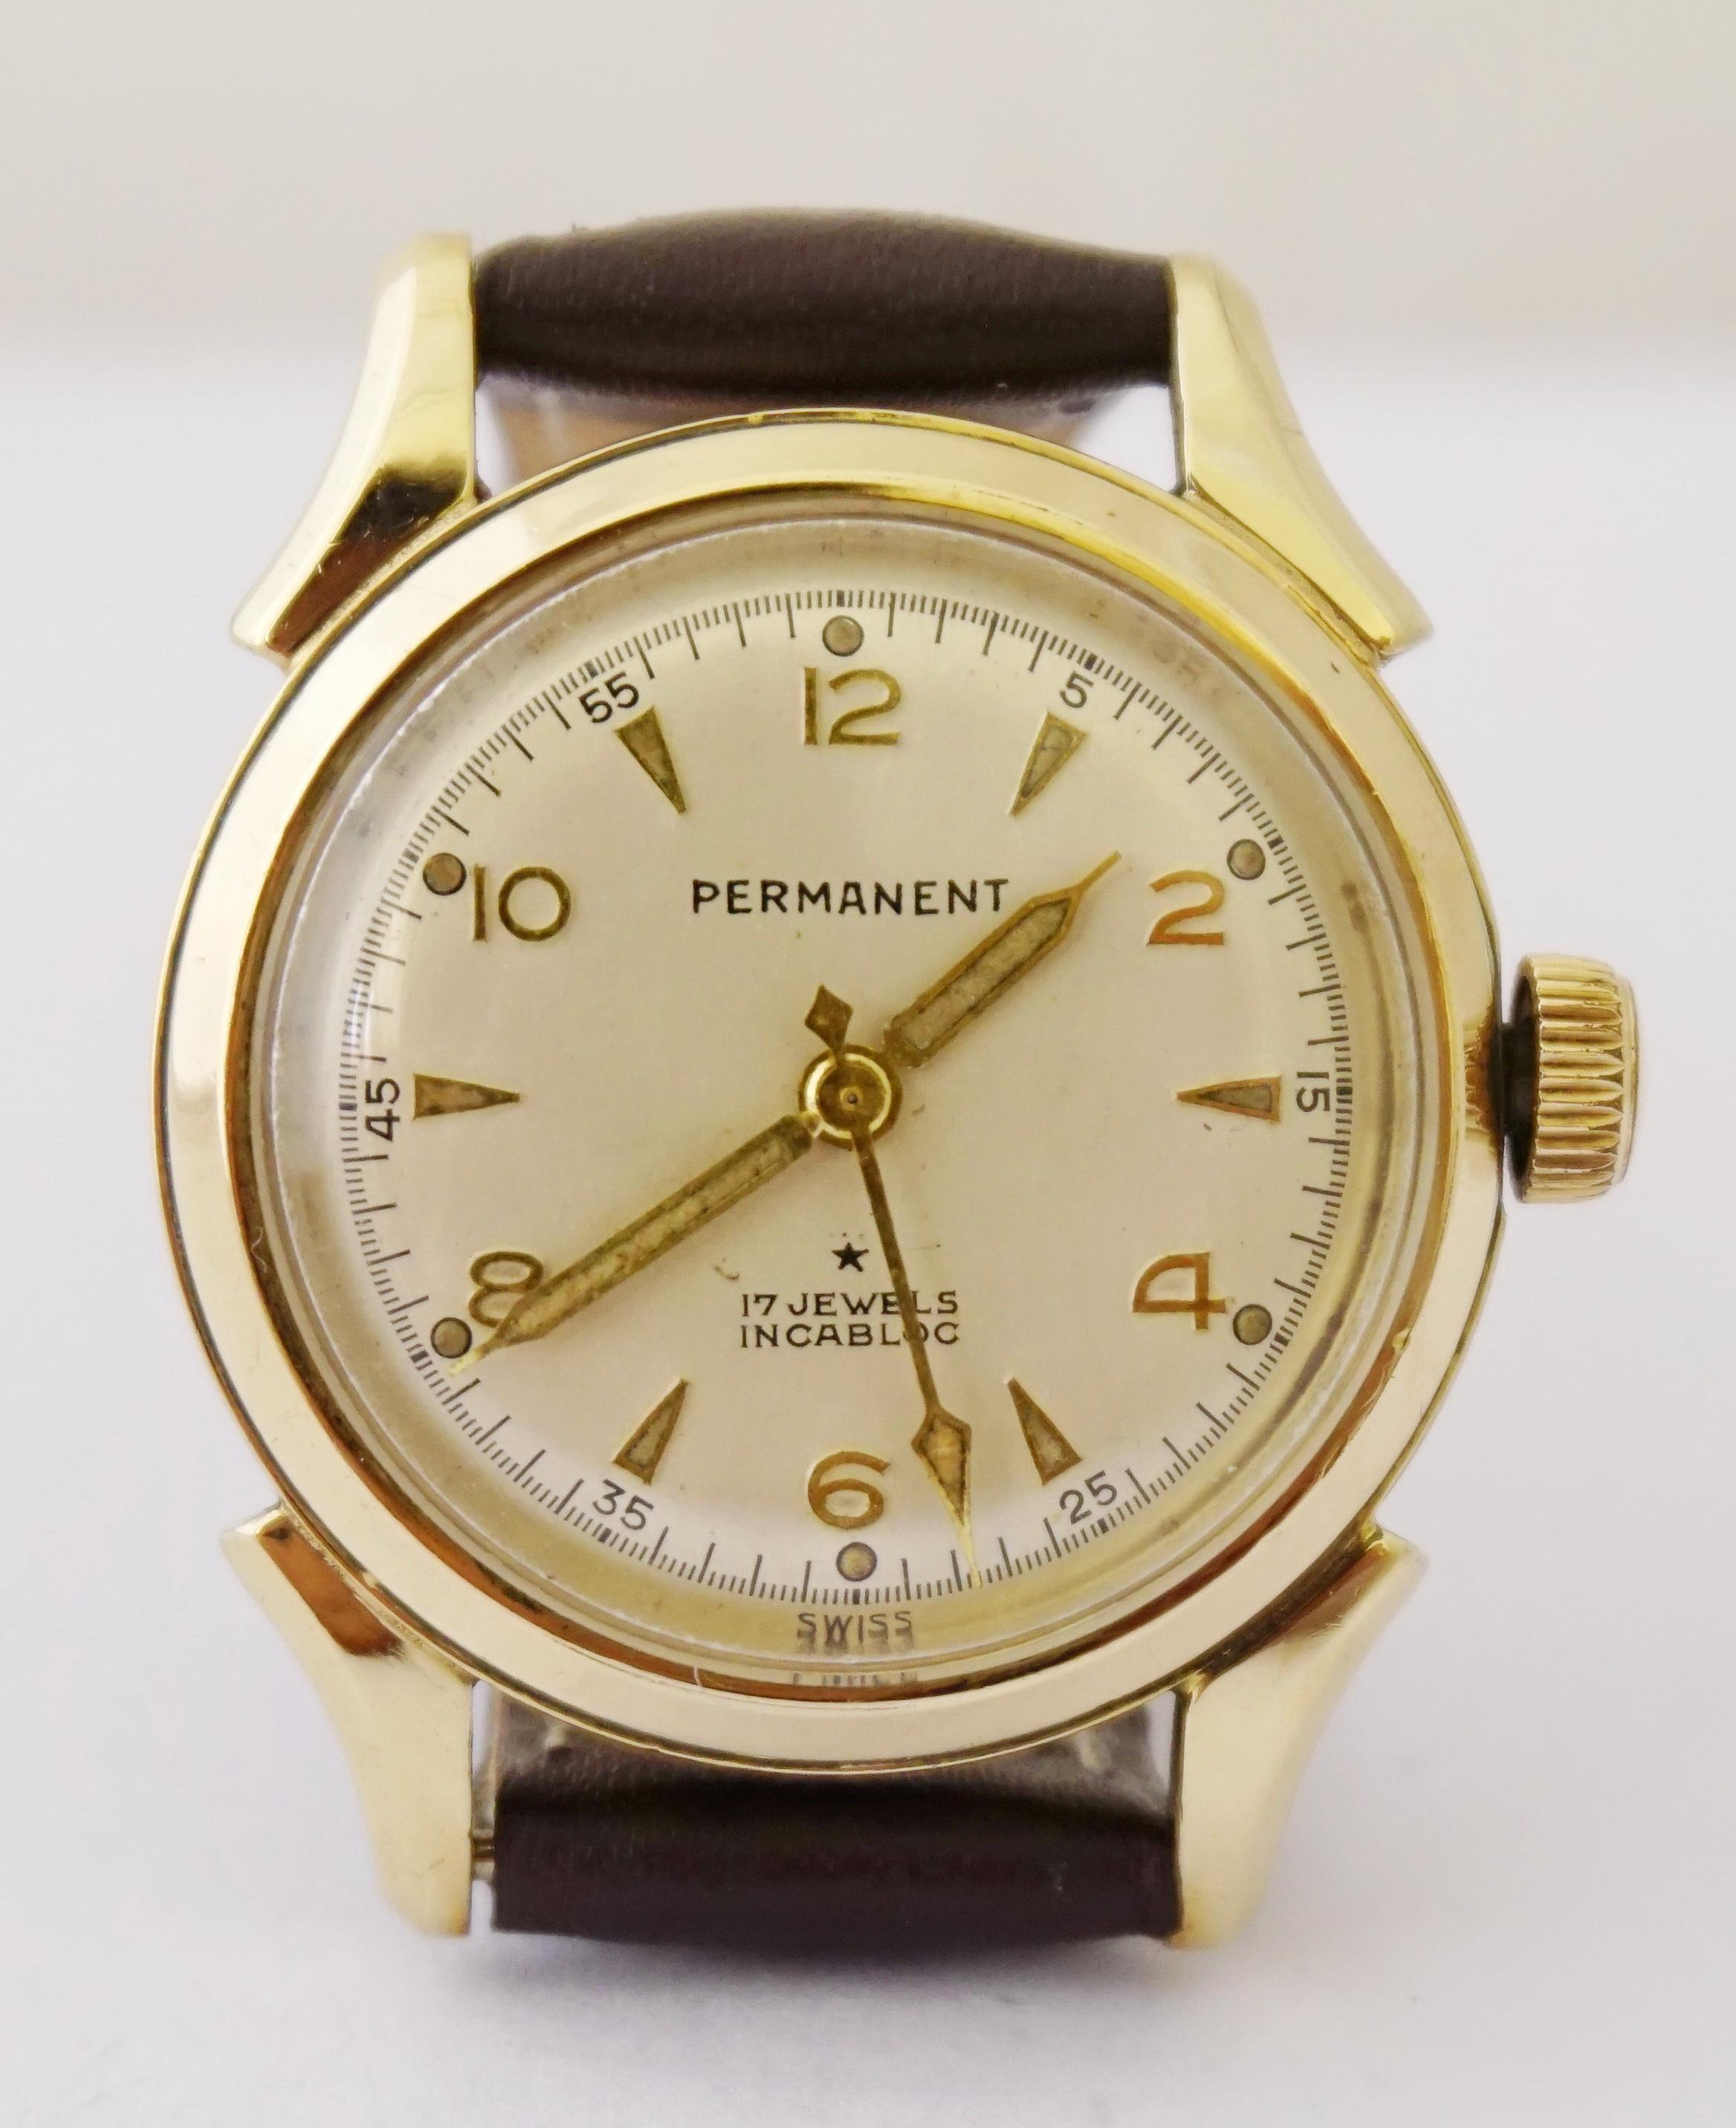 นาฬิกาเก่า PERMANENT ไขลาน